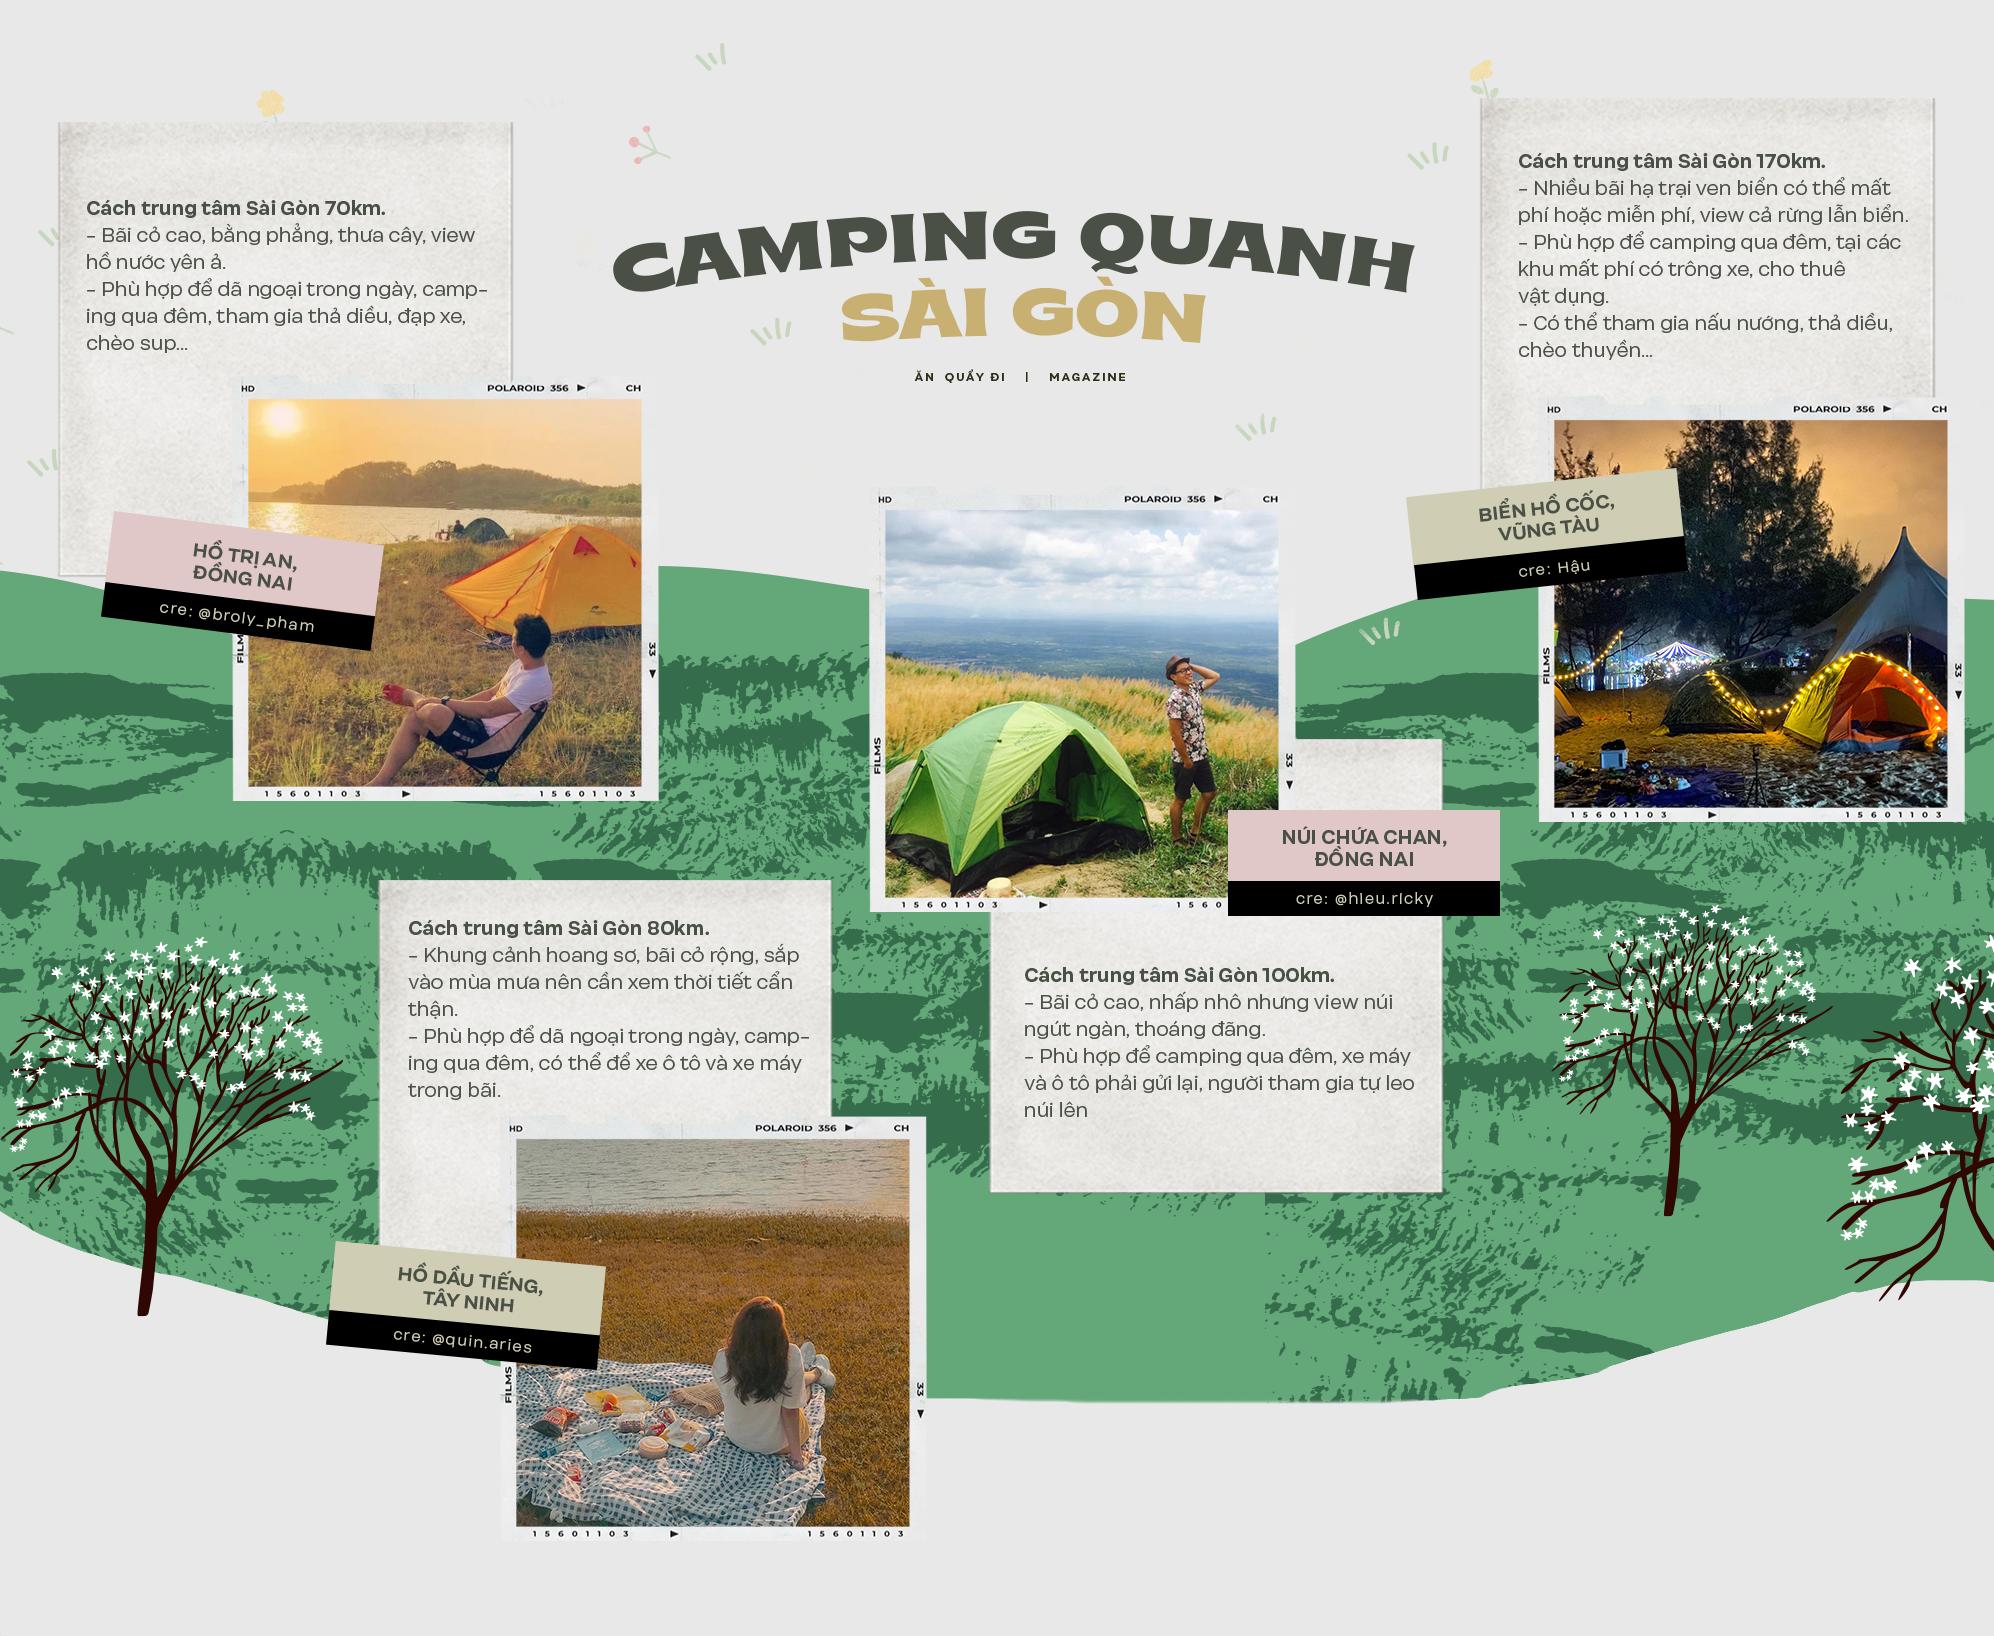 """Đổi """"vị"""" du lịch với một món thật khác lạ, trải nghiệm ngay trào lưu camping """"hot hit"""" nhất lúc này! - Ảnh 21."""